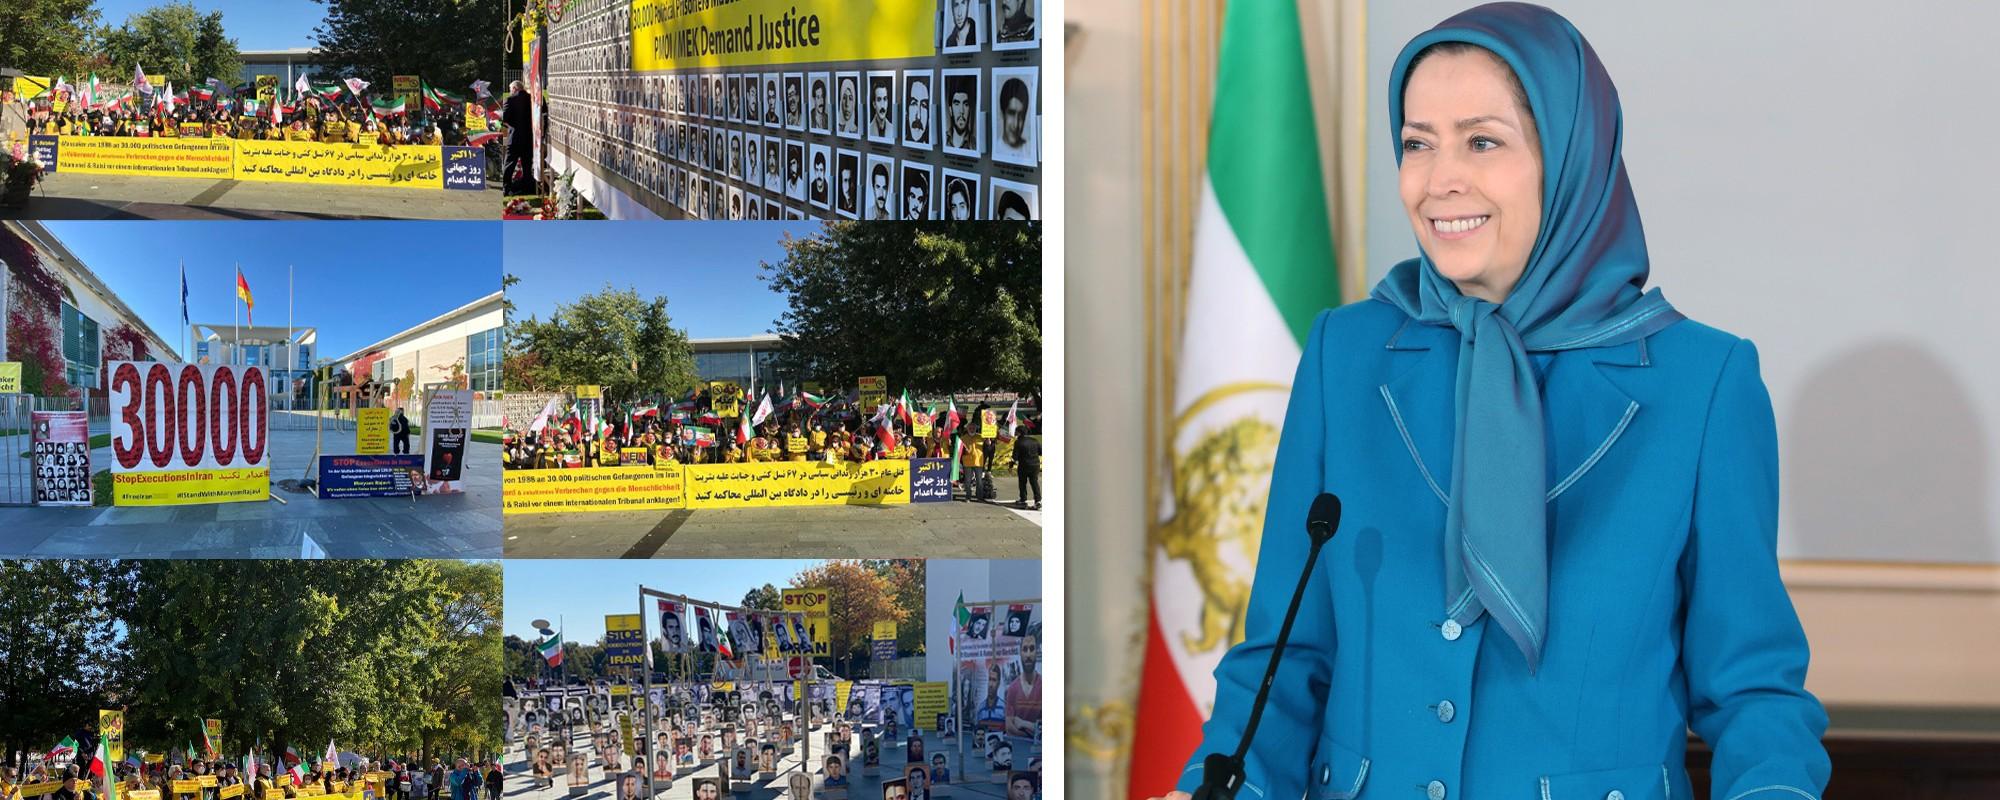 رسالة مريم رجوي لمناسبة اليوم العالمي لمناهضة عقوبة الإعدام